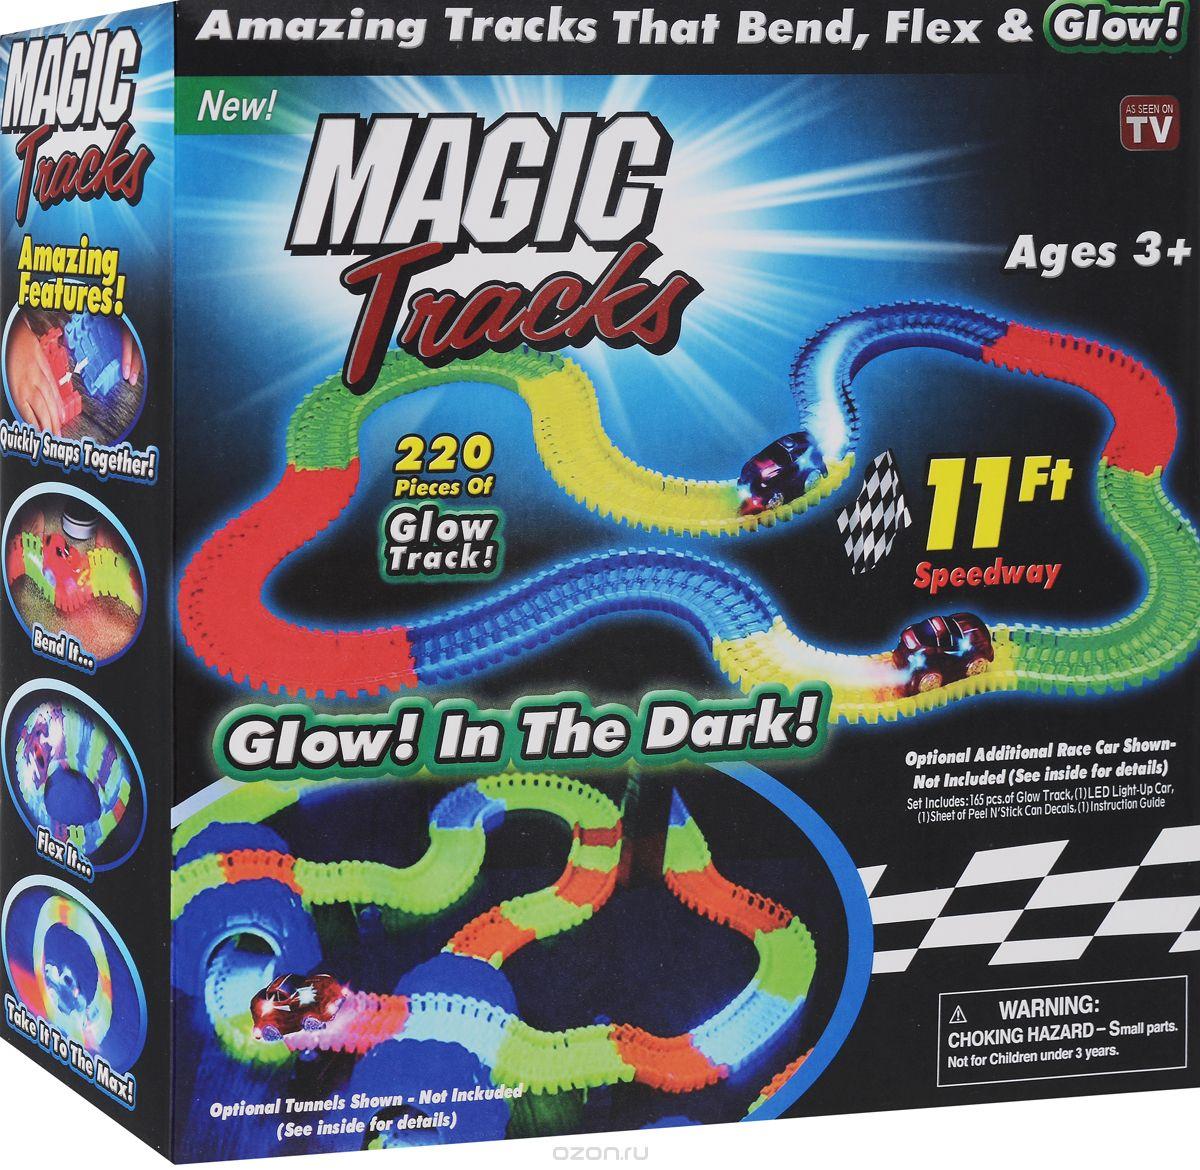 Светящийся гибкий трек MAGIC TRACKS 220 деталей10Magic Tracks— это большая круговая трасса, по которой ездят маленькие машинки со светящимися фарами. Машинки стремительно мчатся вперед, огибая множество различных преград и резких поворотов.Ваш малыш сможет самостоятельно собирать треки, по которым будут ездить машинки, а все детали из набора состыкуются с другими треками серии Magic Tracks.- Трасса искривляется в любом направлении- Соберите свою собственную трассу за считанные секунды- Детали светятся в темноте- Гоночные машинки оснащены яркими светодиодами- В комплекте 1 машинка- Легко сворачивается для храненияНабор Magic Tracks сделан из полностью безопасных материалов. Набор рассчитан на детей от 3-х лет и старше. Все детали набора сделаны из высококлассного прочного пластика, который увеличивает их срок службы.